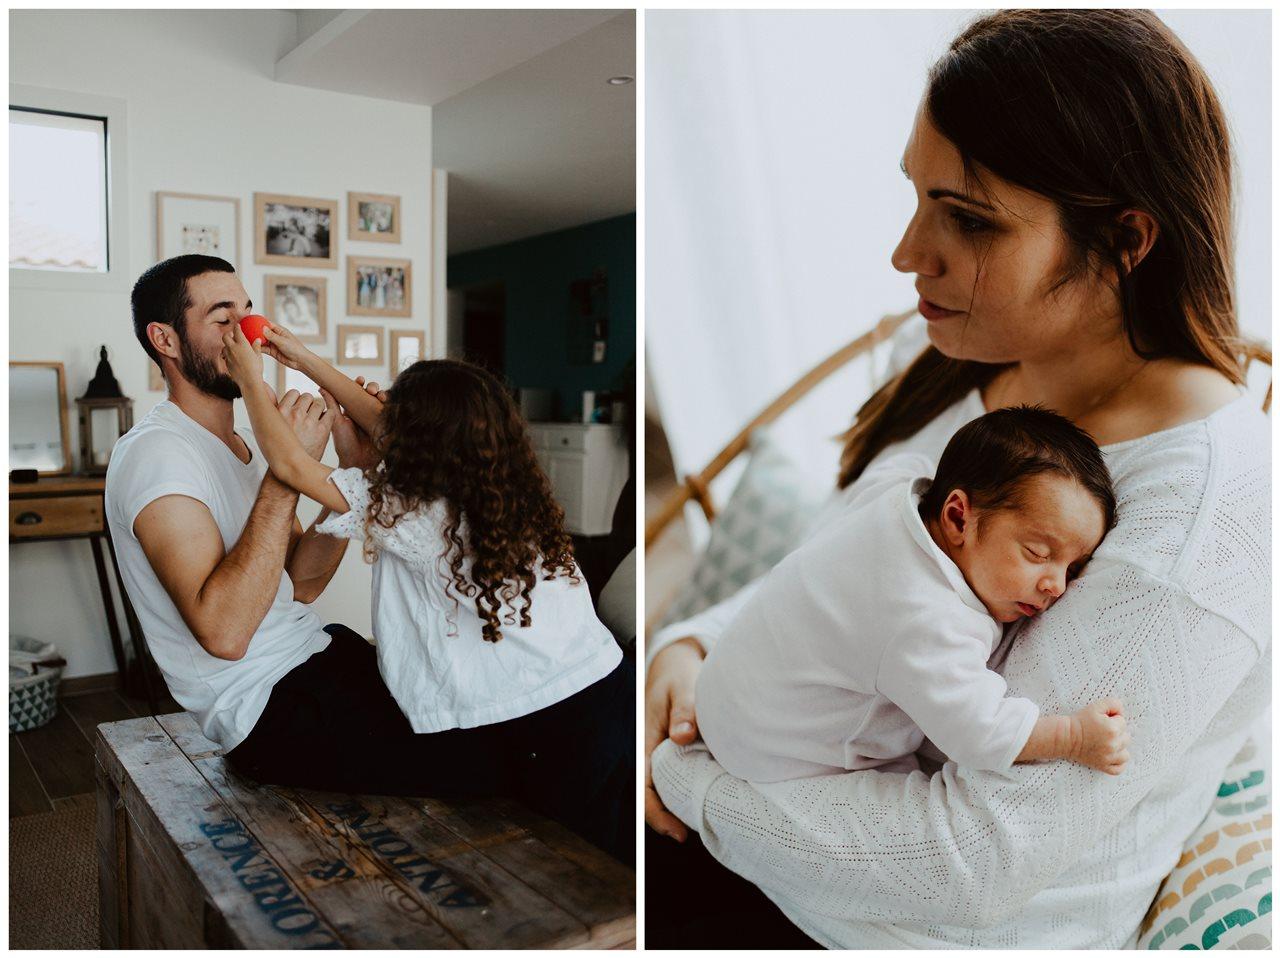 séance famille nouveau-né lifestyle jeu père et fille maman bébé